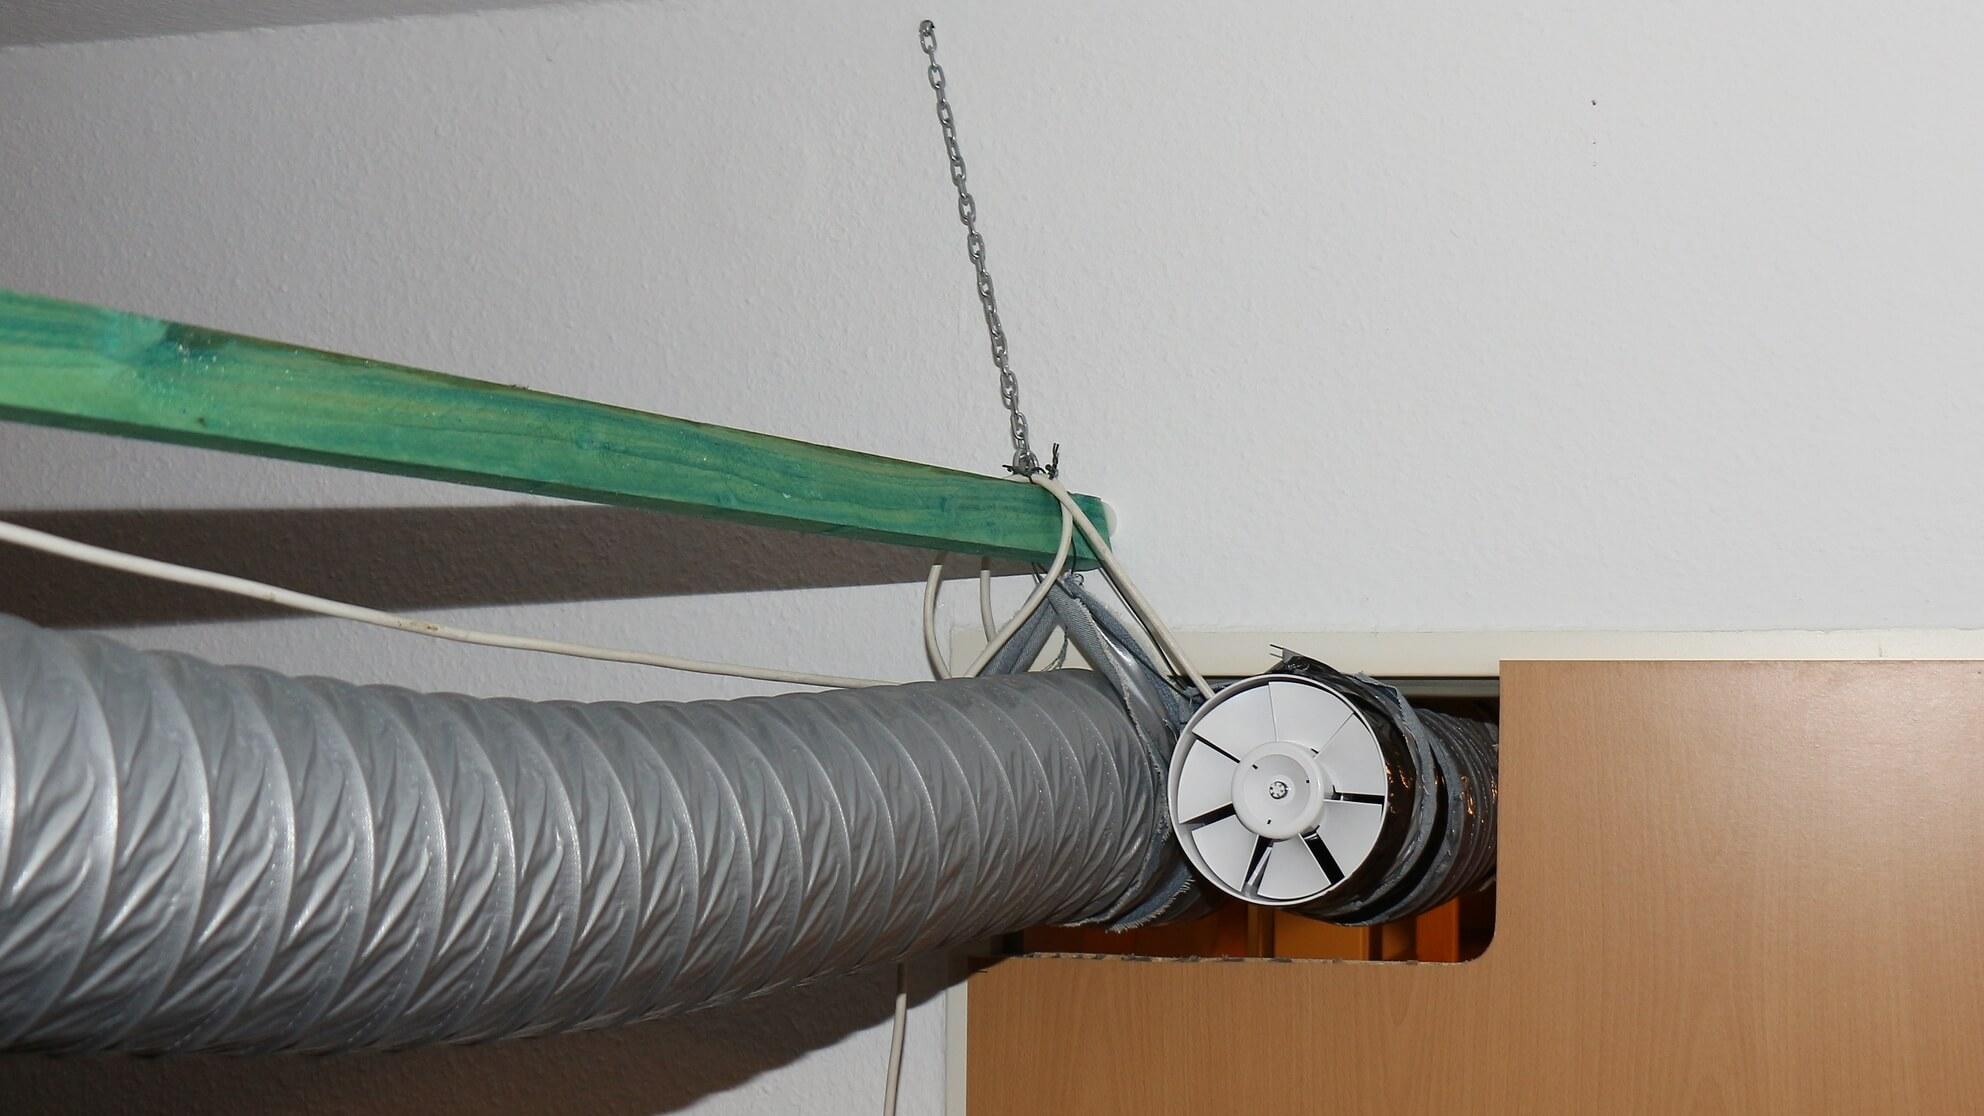 Kaltluft im linken Luftschlauch, Warmluft kommt durch den anderen zurück